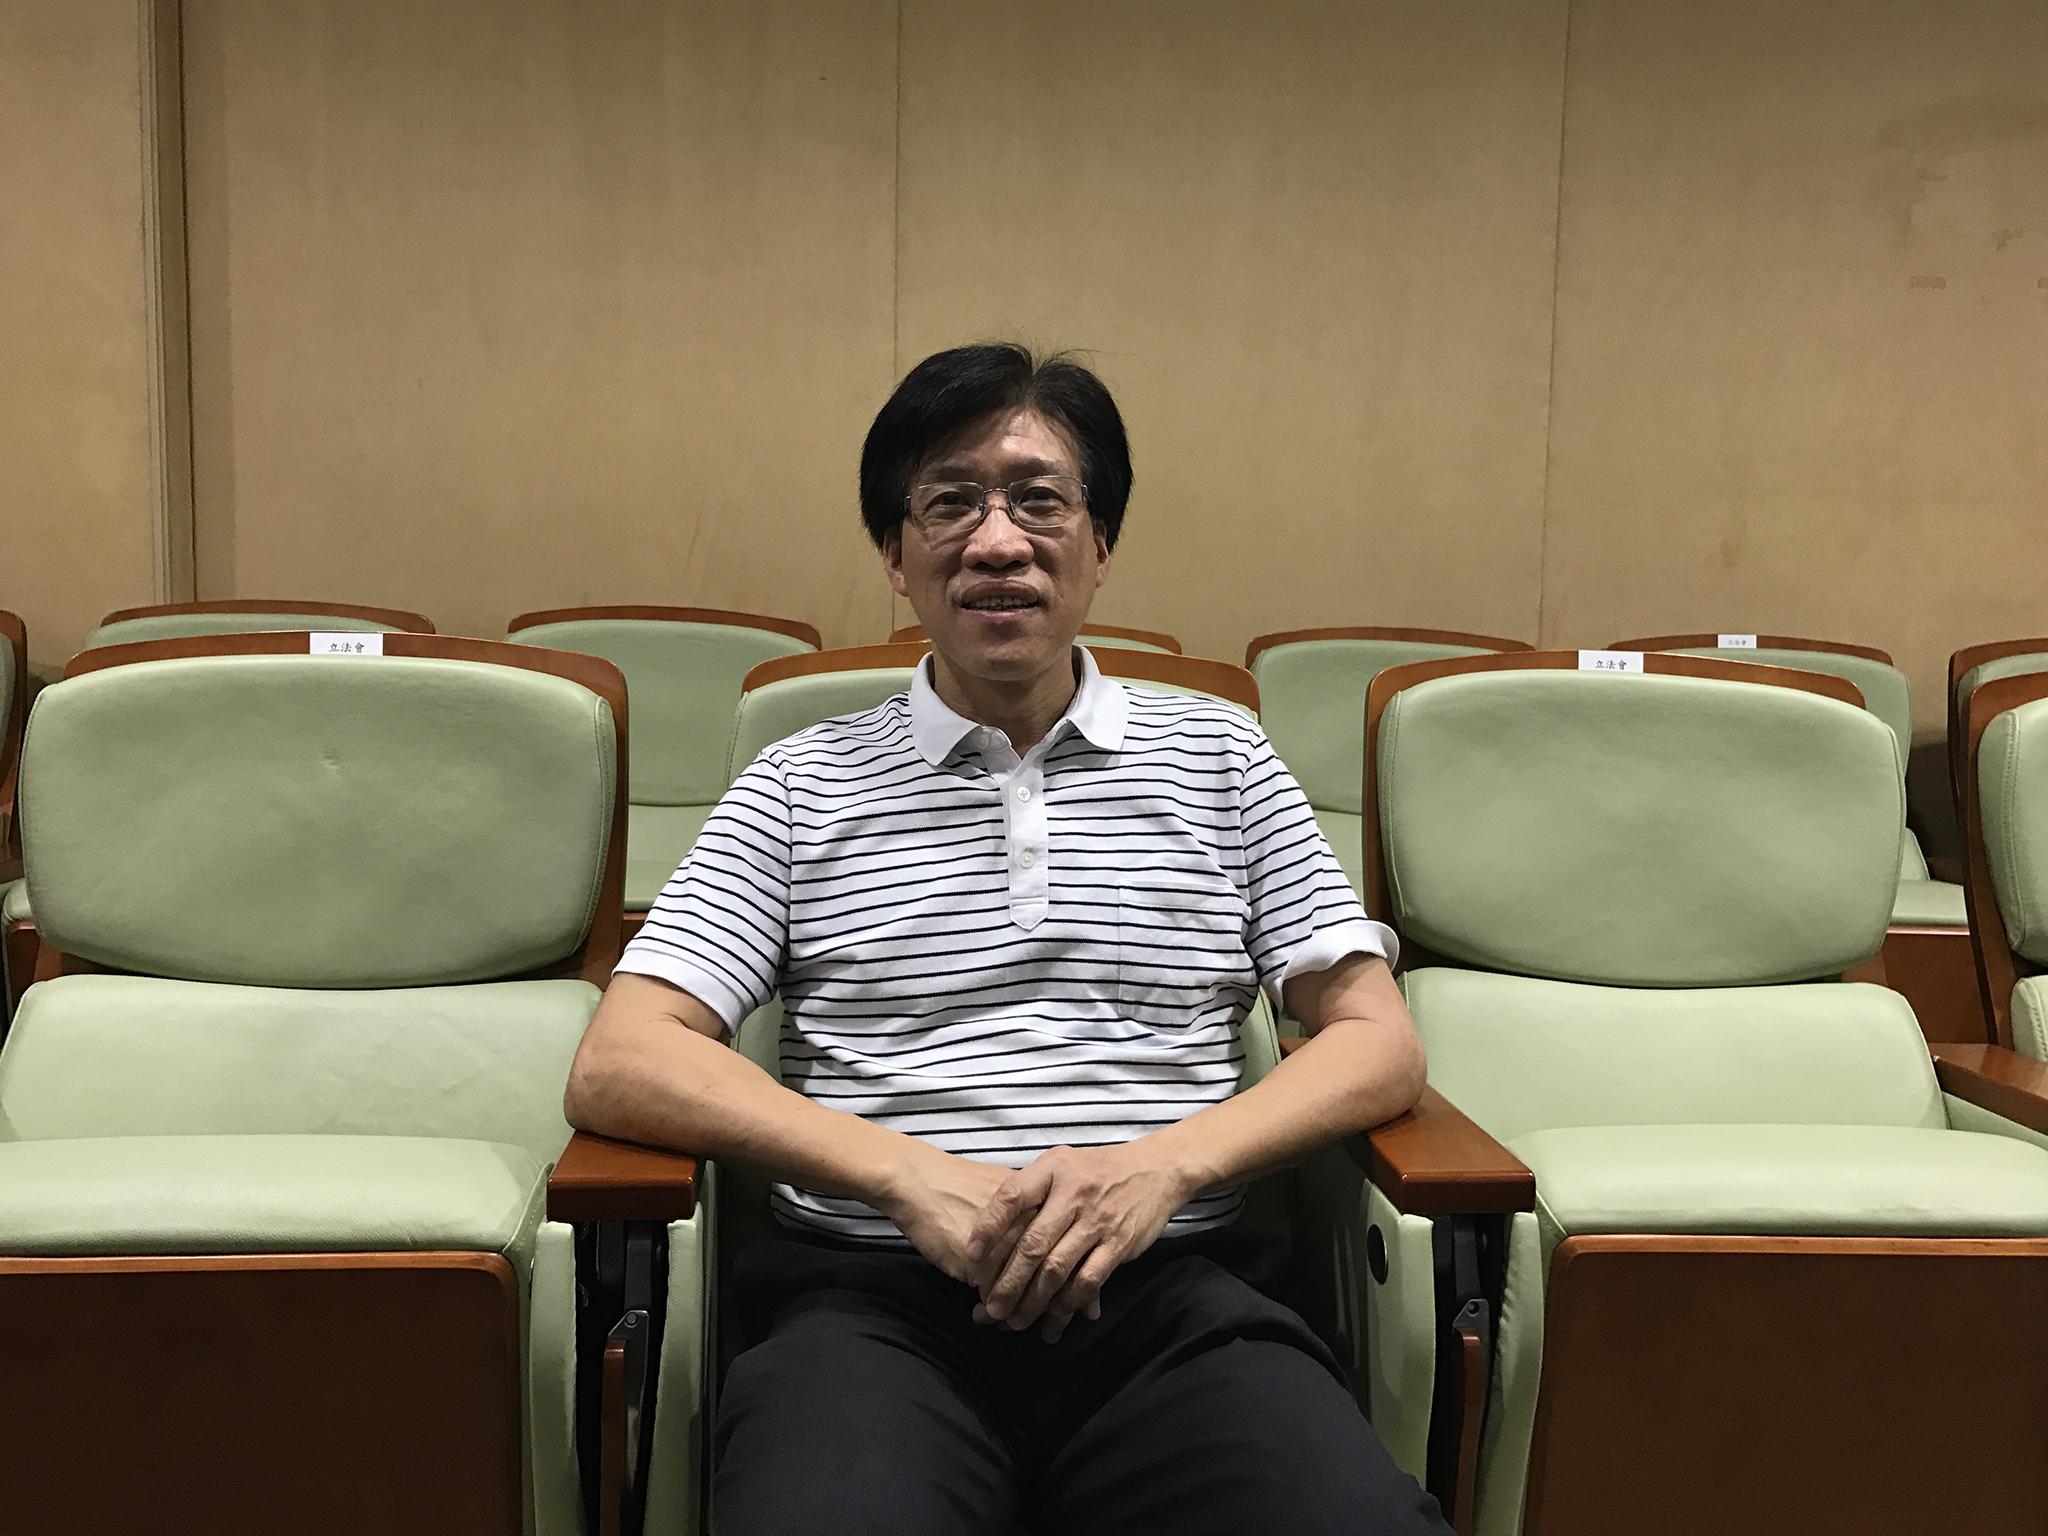 Au Kam San anuncia que depois de 20 anos deixa Assembleia Legislativa